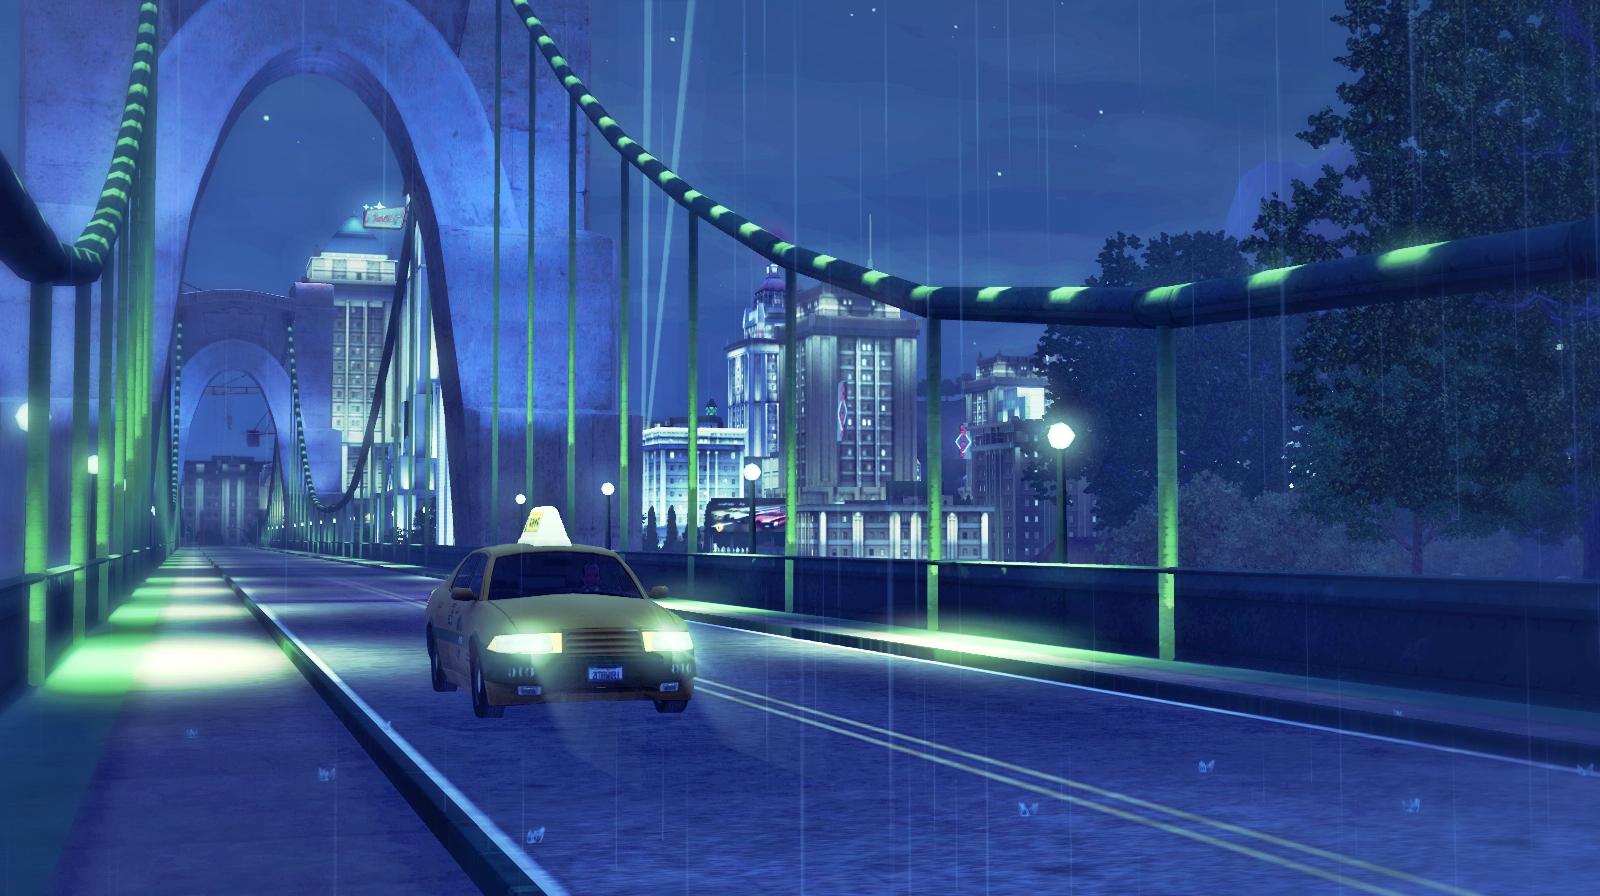 Late Night Cab Drive In The Rain